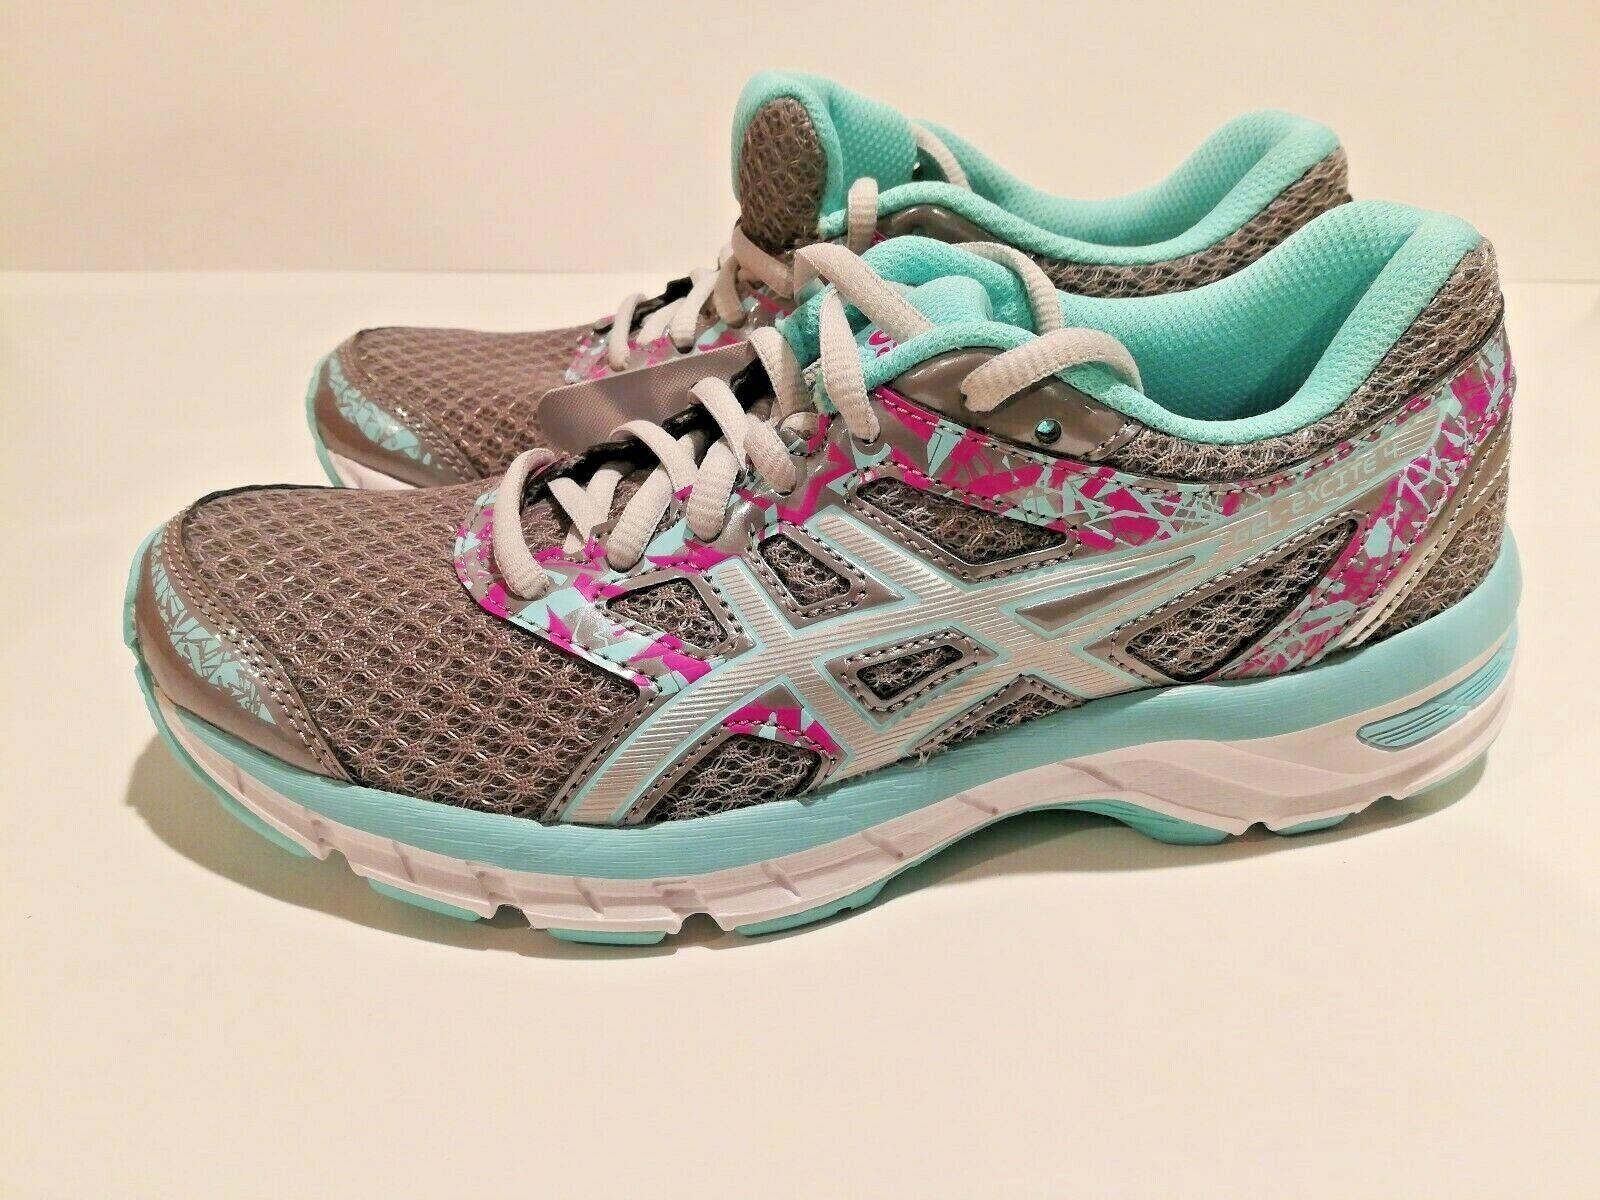 ASICS Gel Excite 4 Womans running scarpe  Aluminum argento Aqua Splash Dimensione 6.5  sport caldi